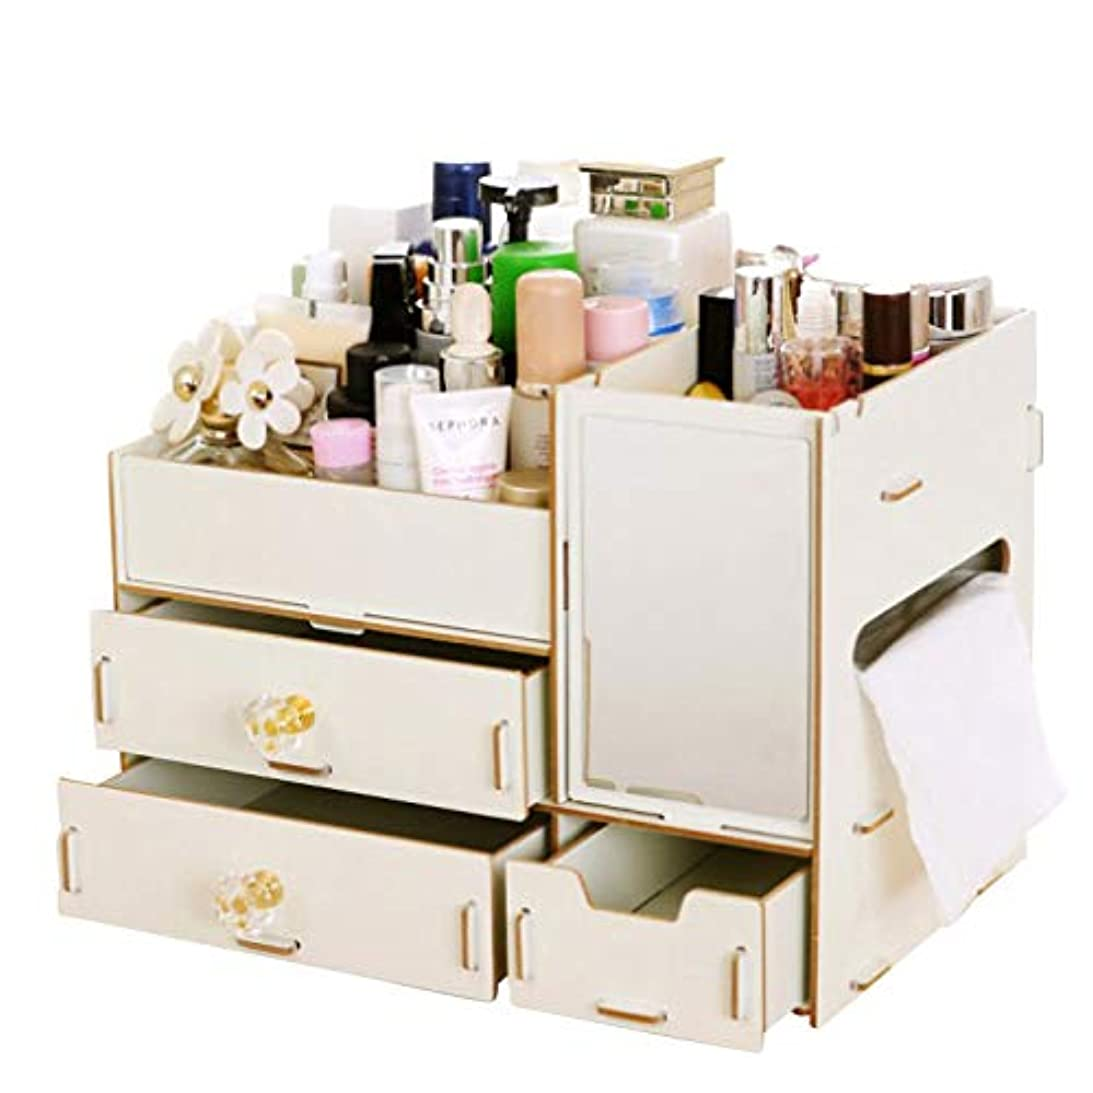 はちみつカニハリケーン伊耶那美(イザナミ) 化粧品 コスメ ジュエリー 収納 ボックス メイクボックス 木製 組み立て式(白色)